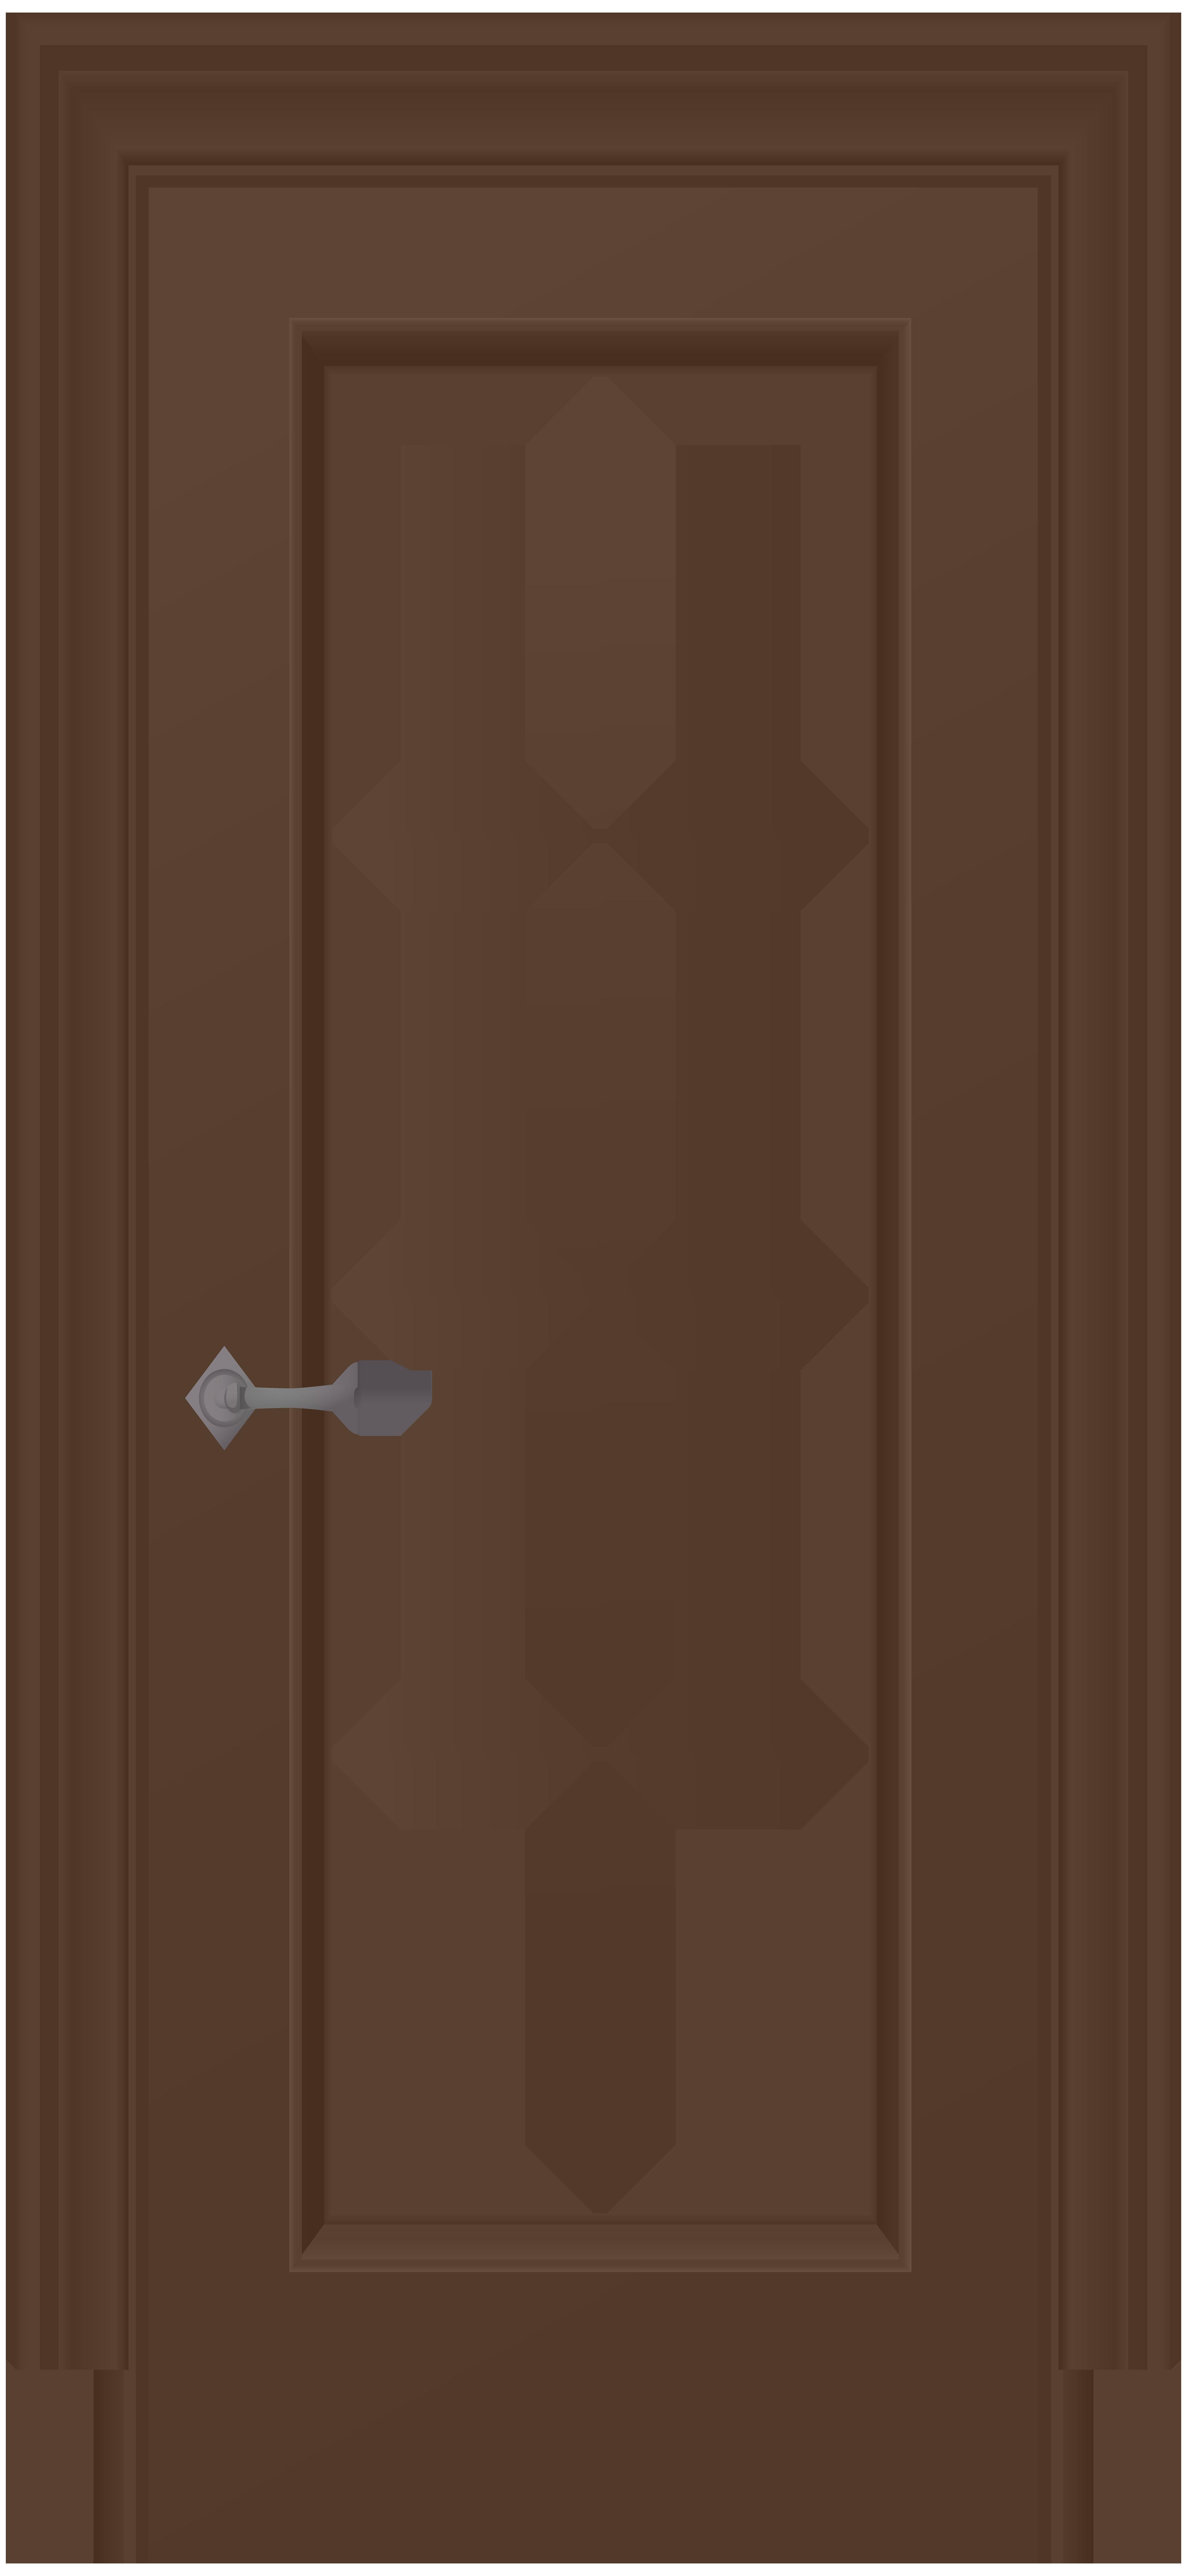 House door clipart svg royalty free Brown Door PNG Clip Art - Best WEB Clipart svg royalty free